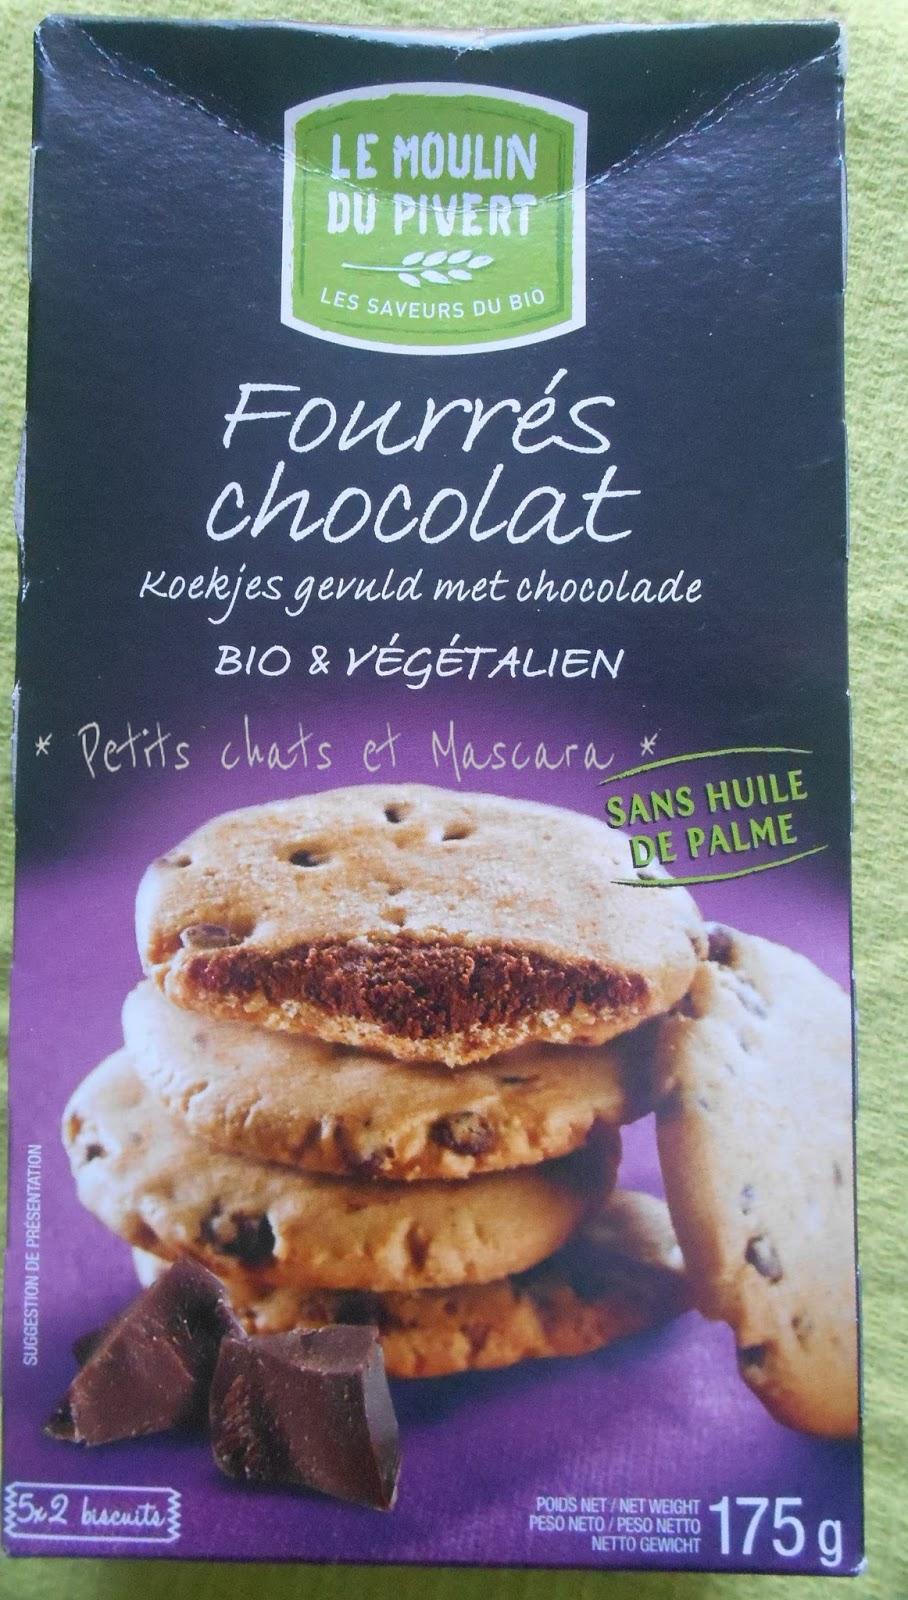 moulin du pivert fourrés chocolat